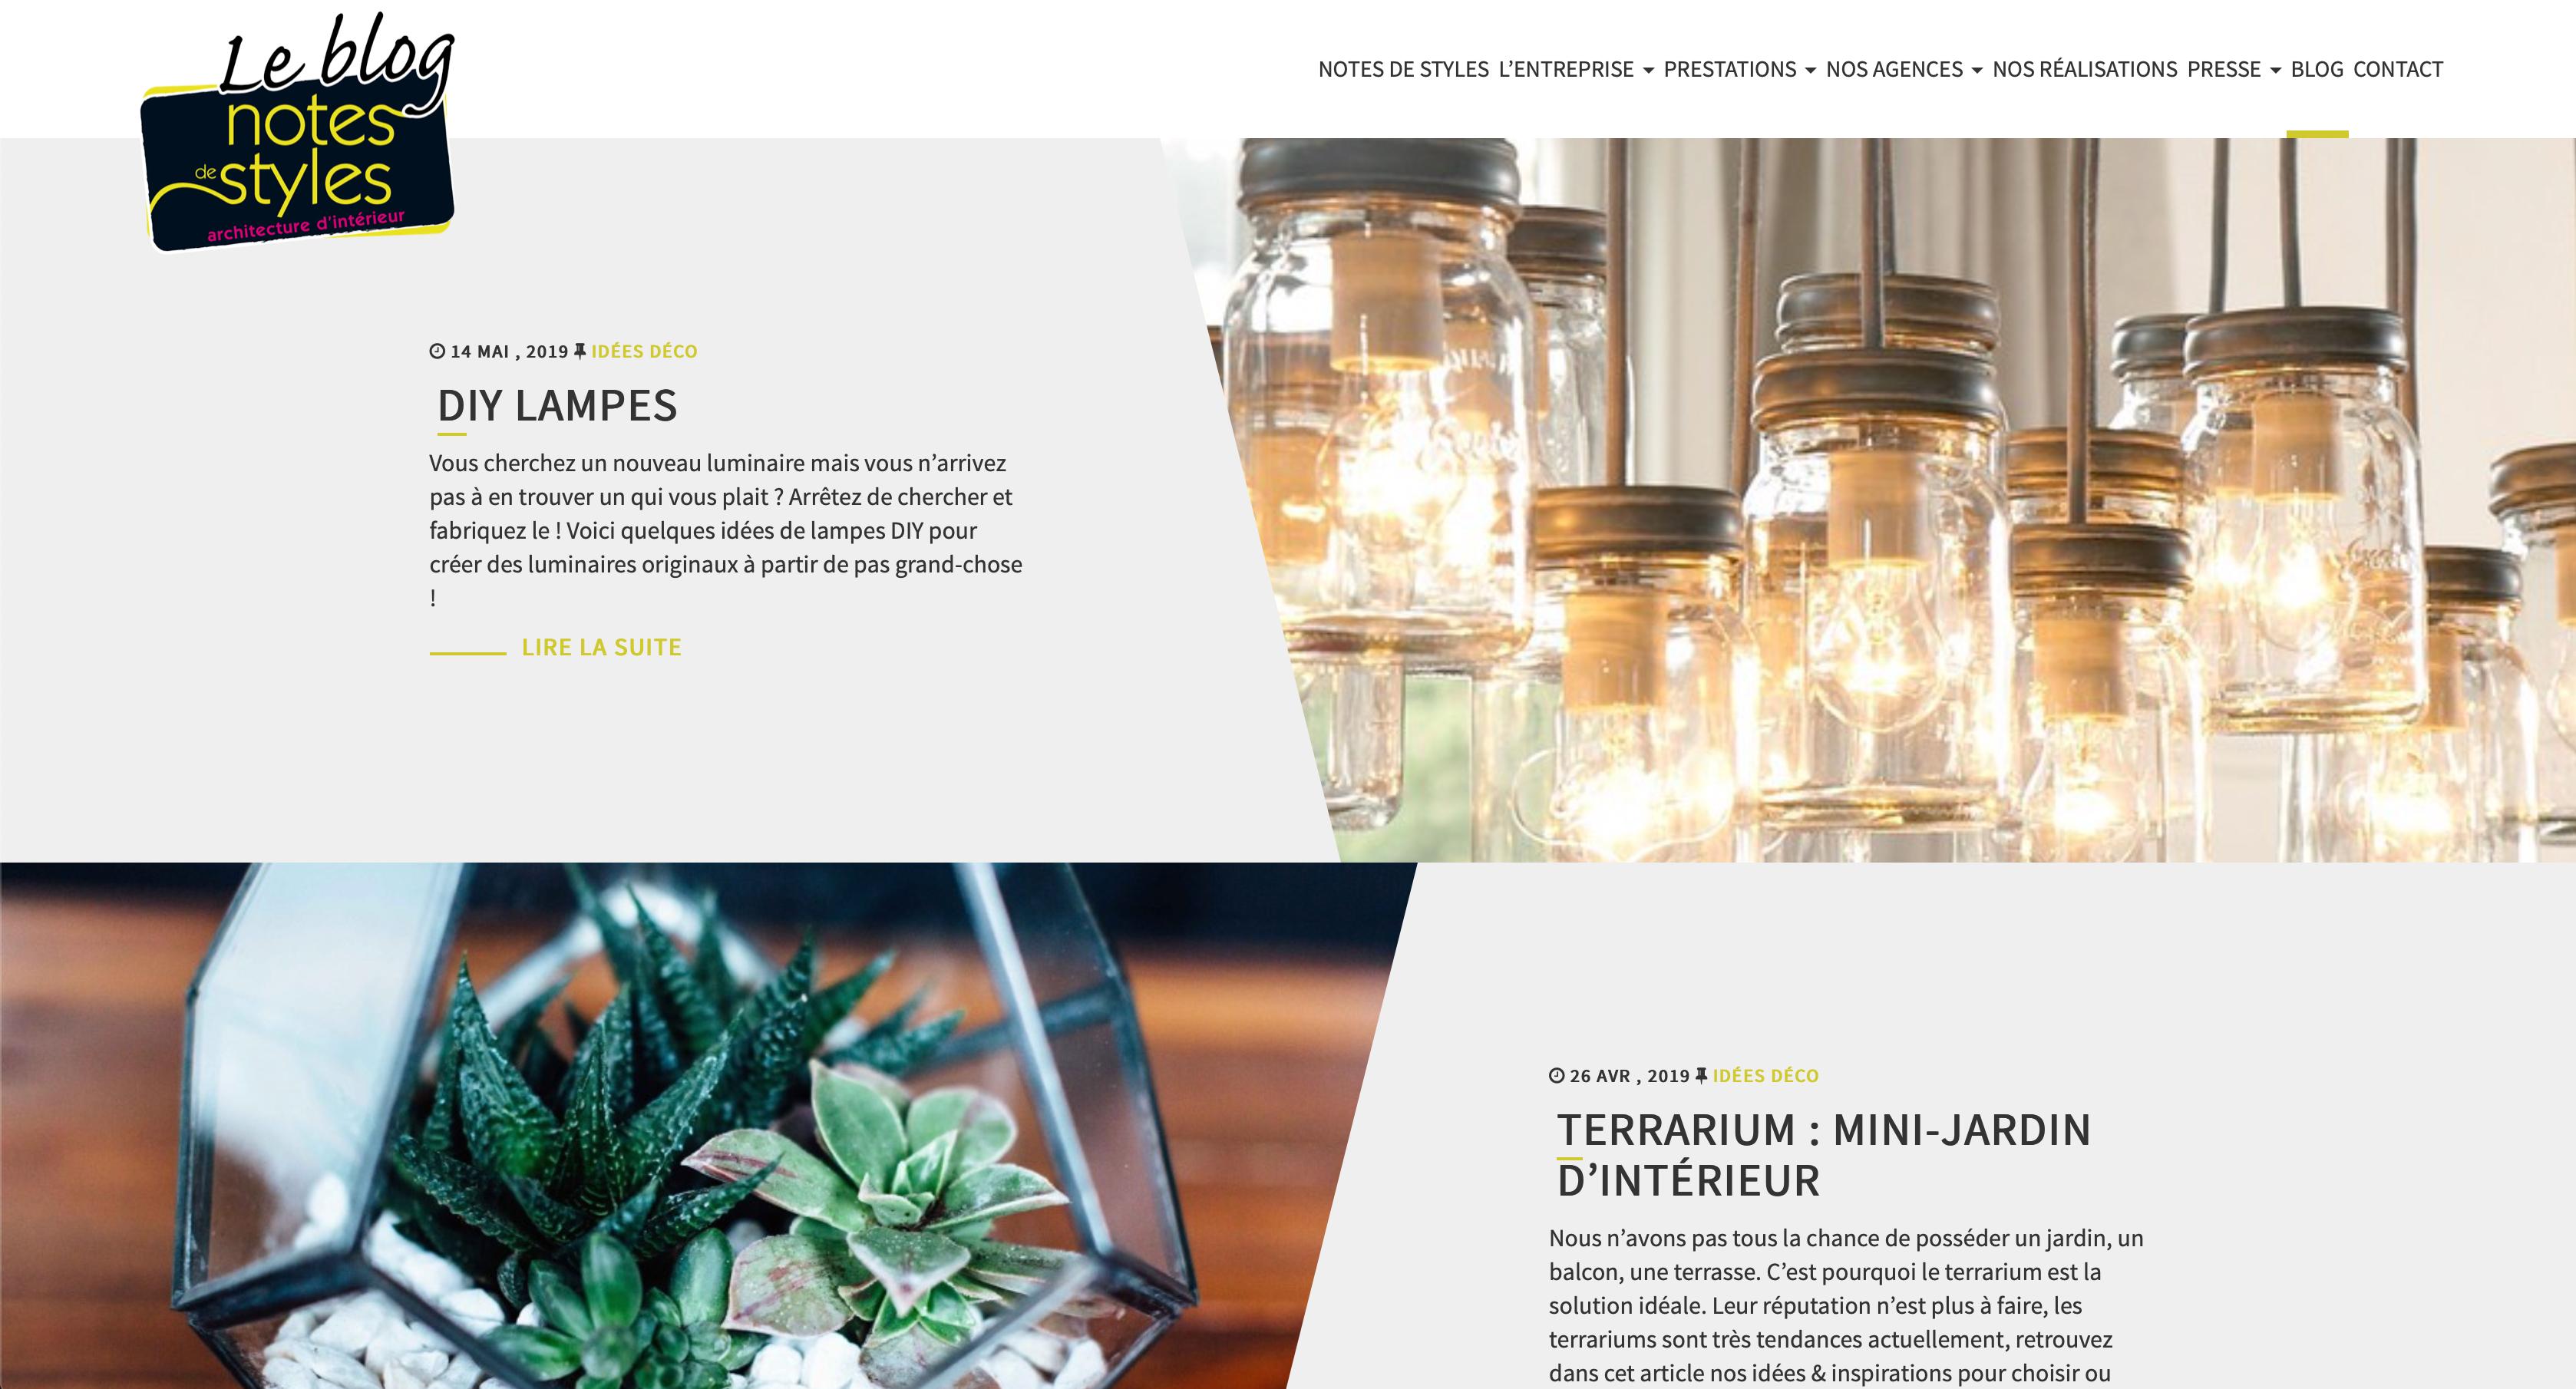 Blog Notes de Styles - Réseau d'agence d'architecte d'intérieur et décorateur dans toute la france, Réalisation 2016 - Webdesign - Matthieu Loigerot